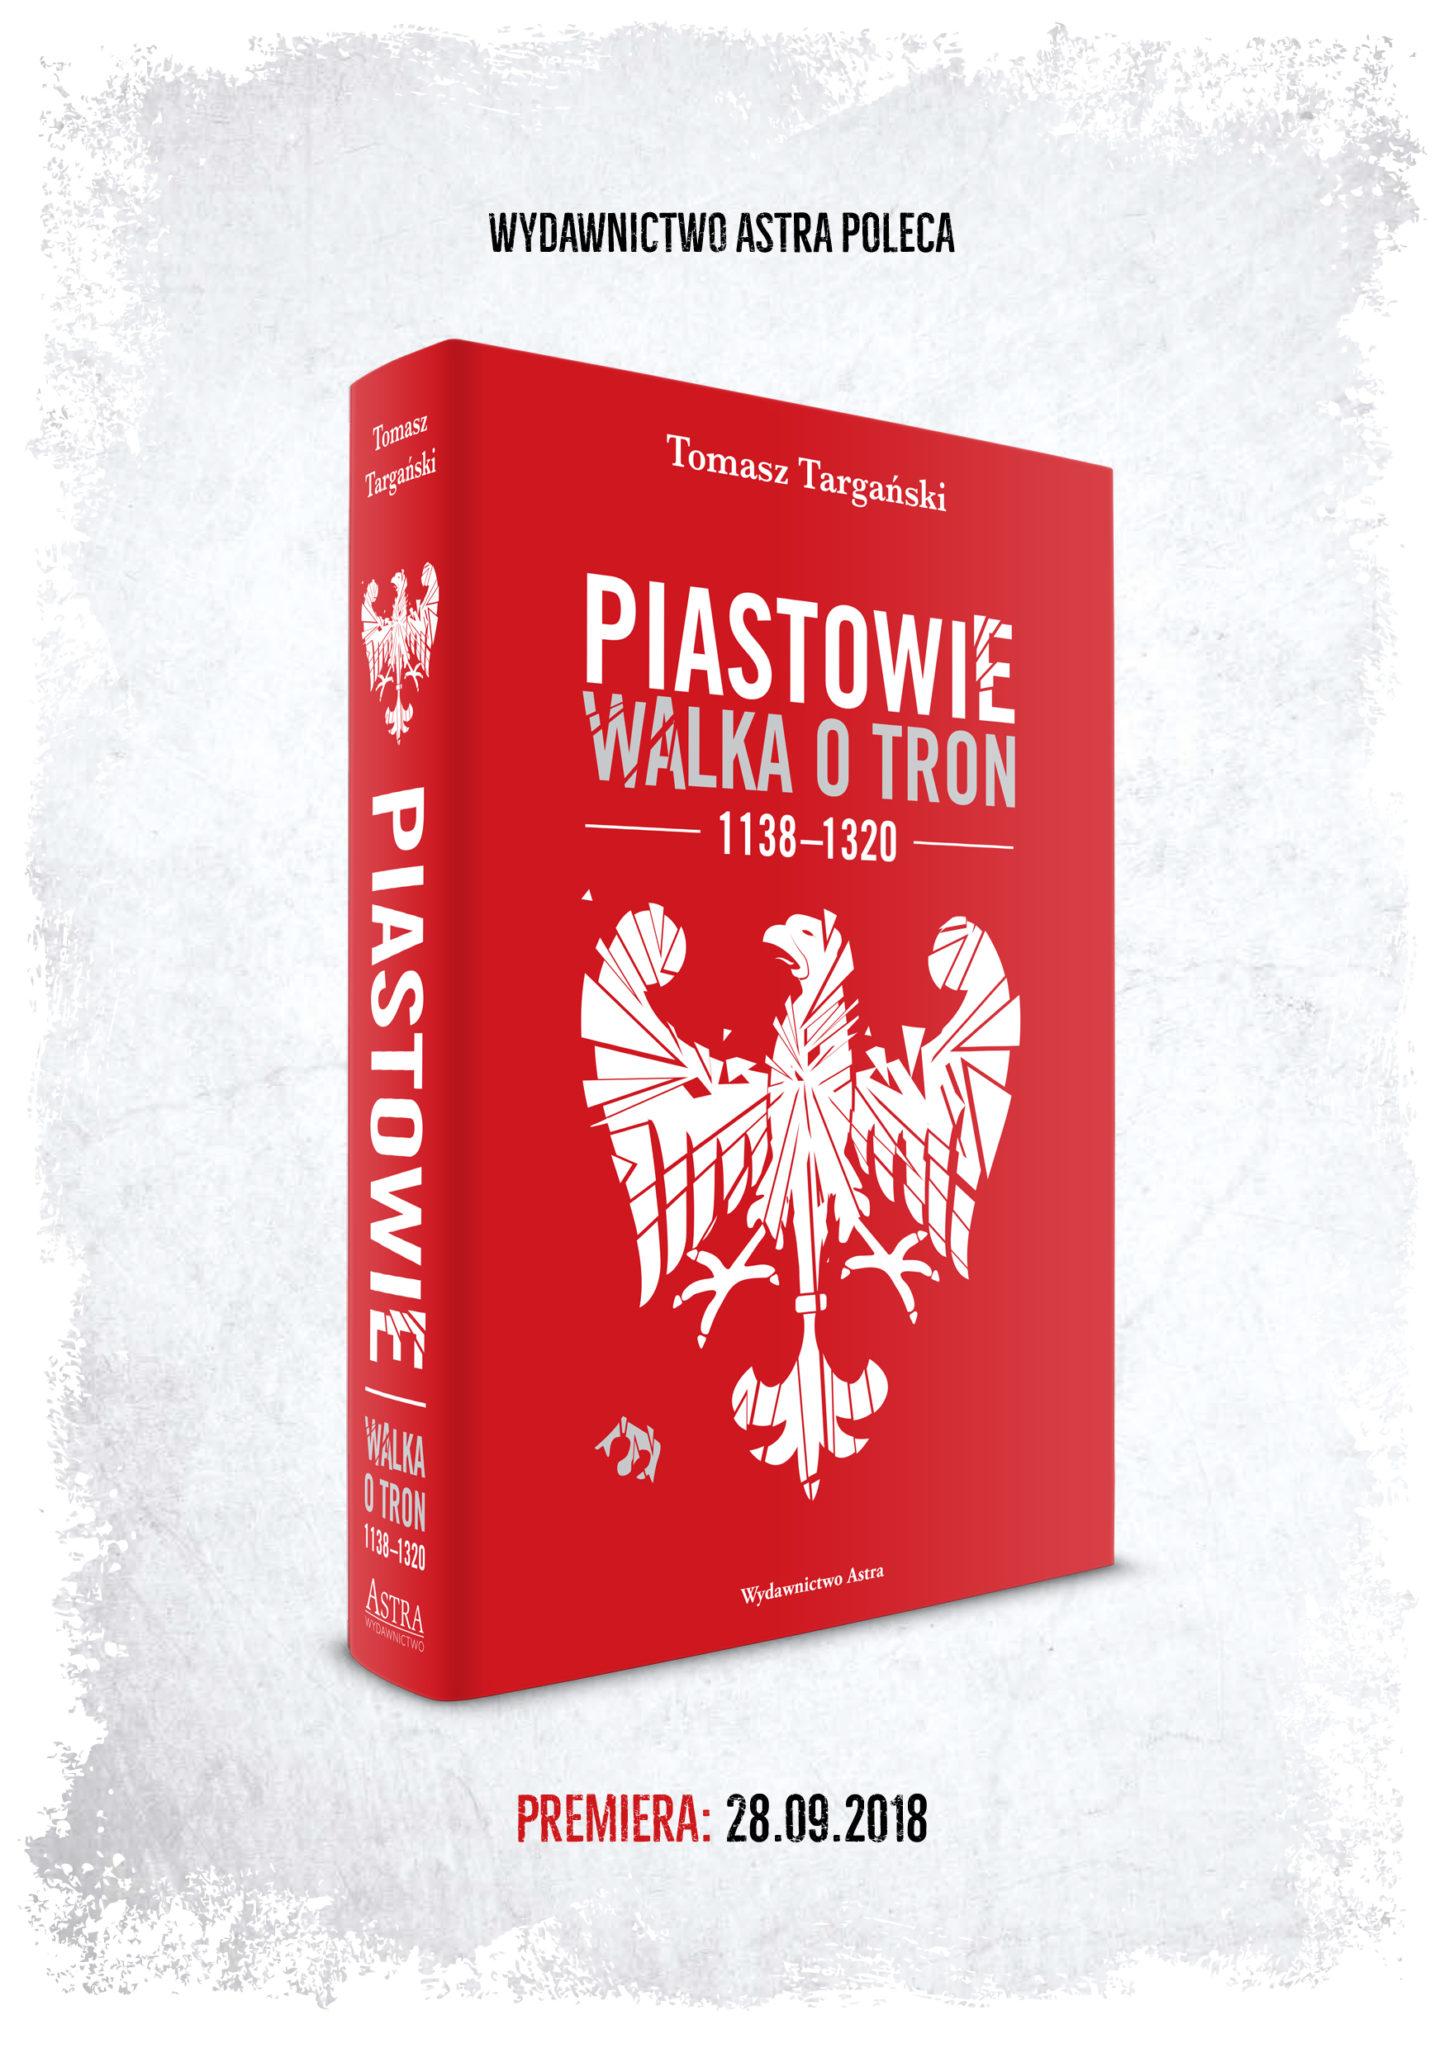 Wydawnictwo_Astra_Piastowie_Walka_o_tron-1